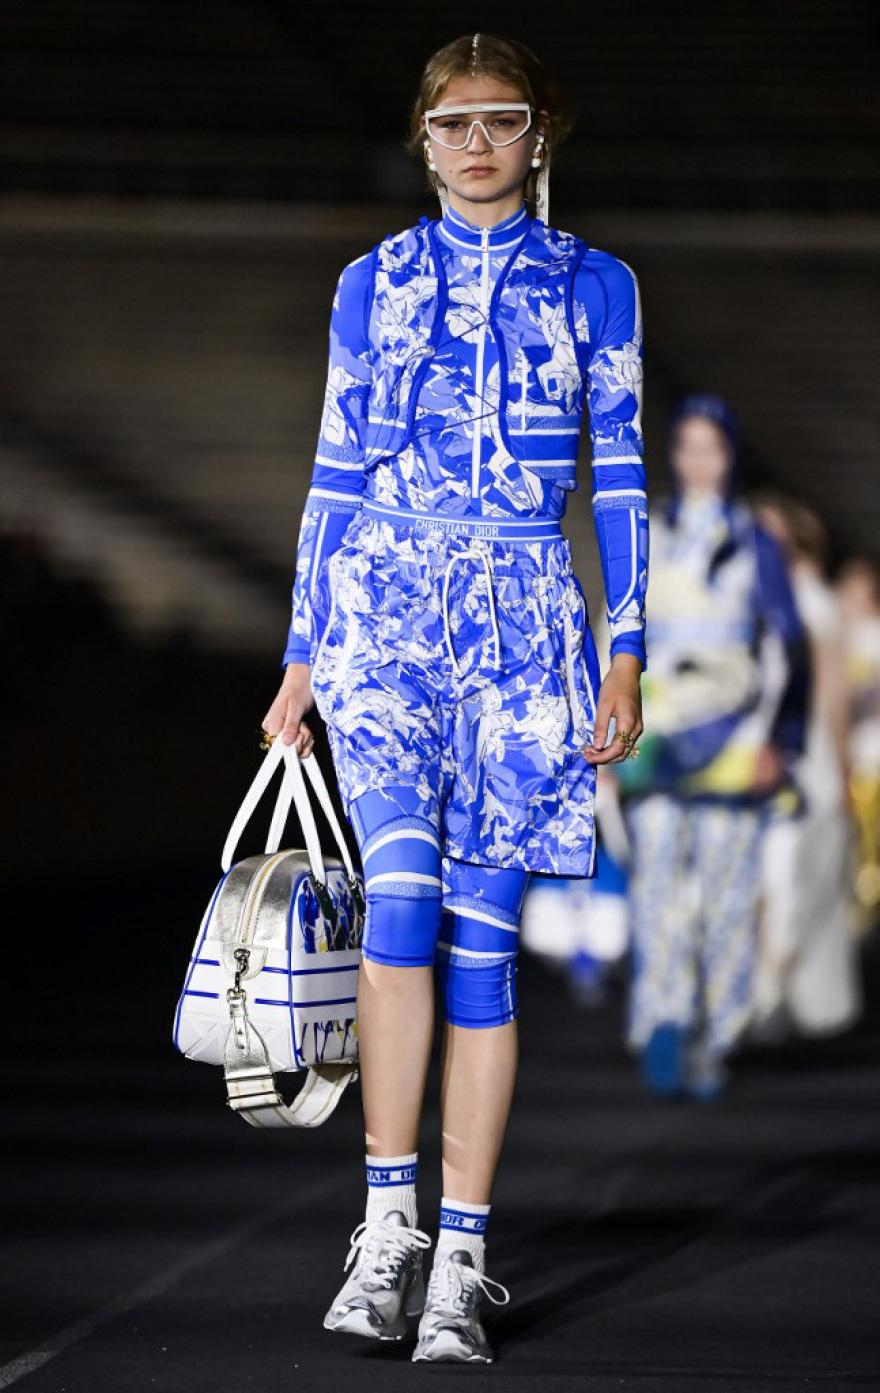 Εντυπωσίασε η επίδειξη Dior στο Καλλιμάρμαρο